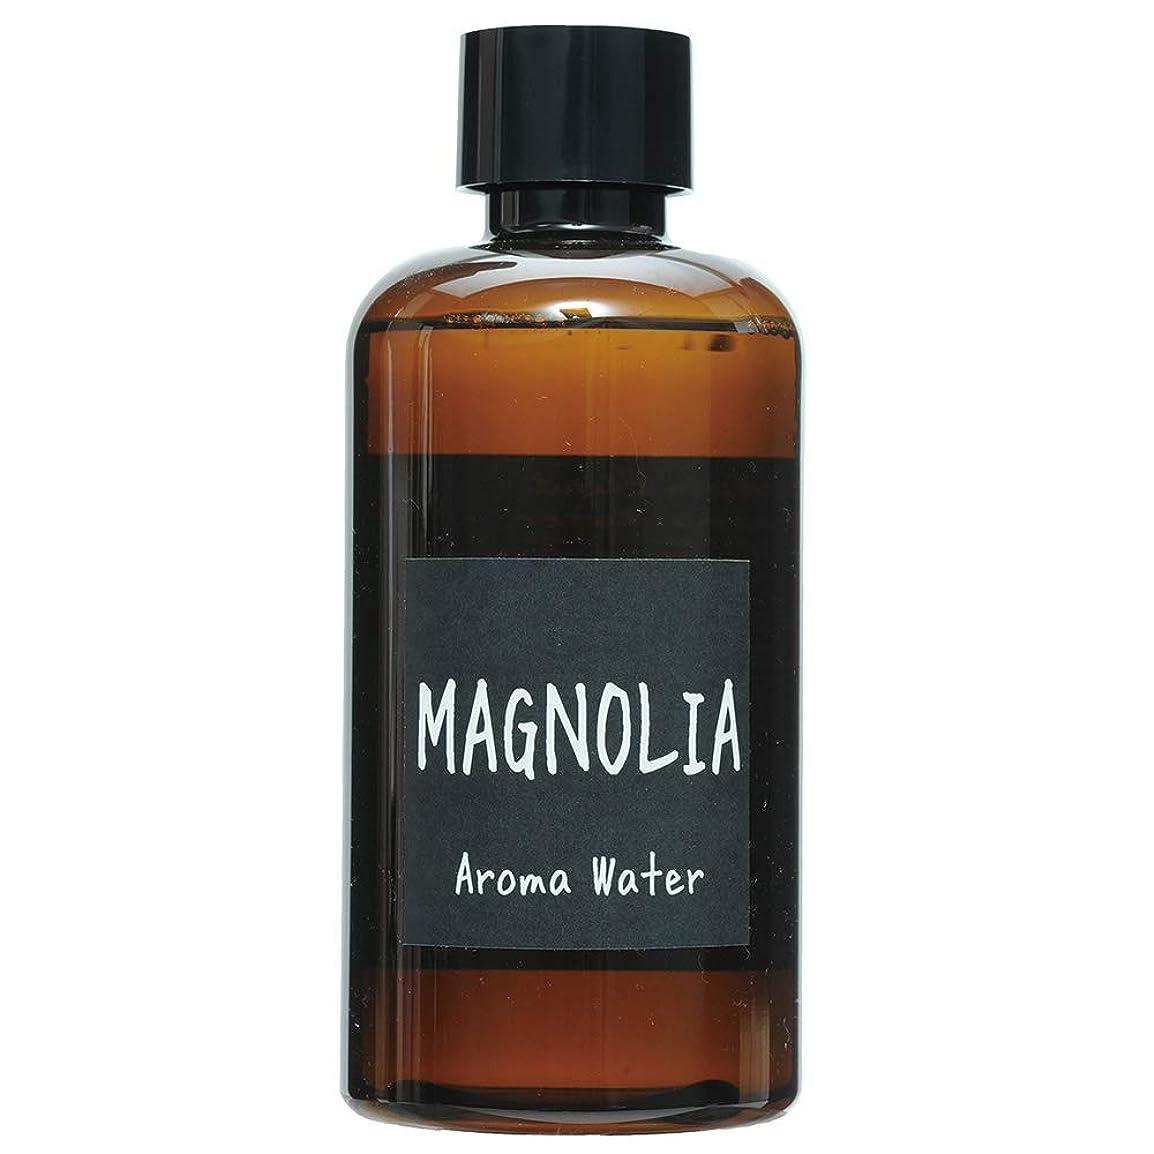 クレデンシャル中性おじいちゃんノルコーポレーション John's Blend アロマウォーター 加湿器用 OA-JON-23-7 マグノリアの香り 520ml